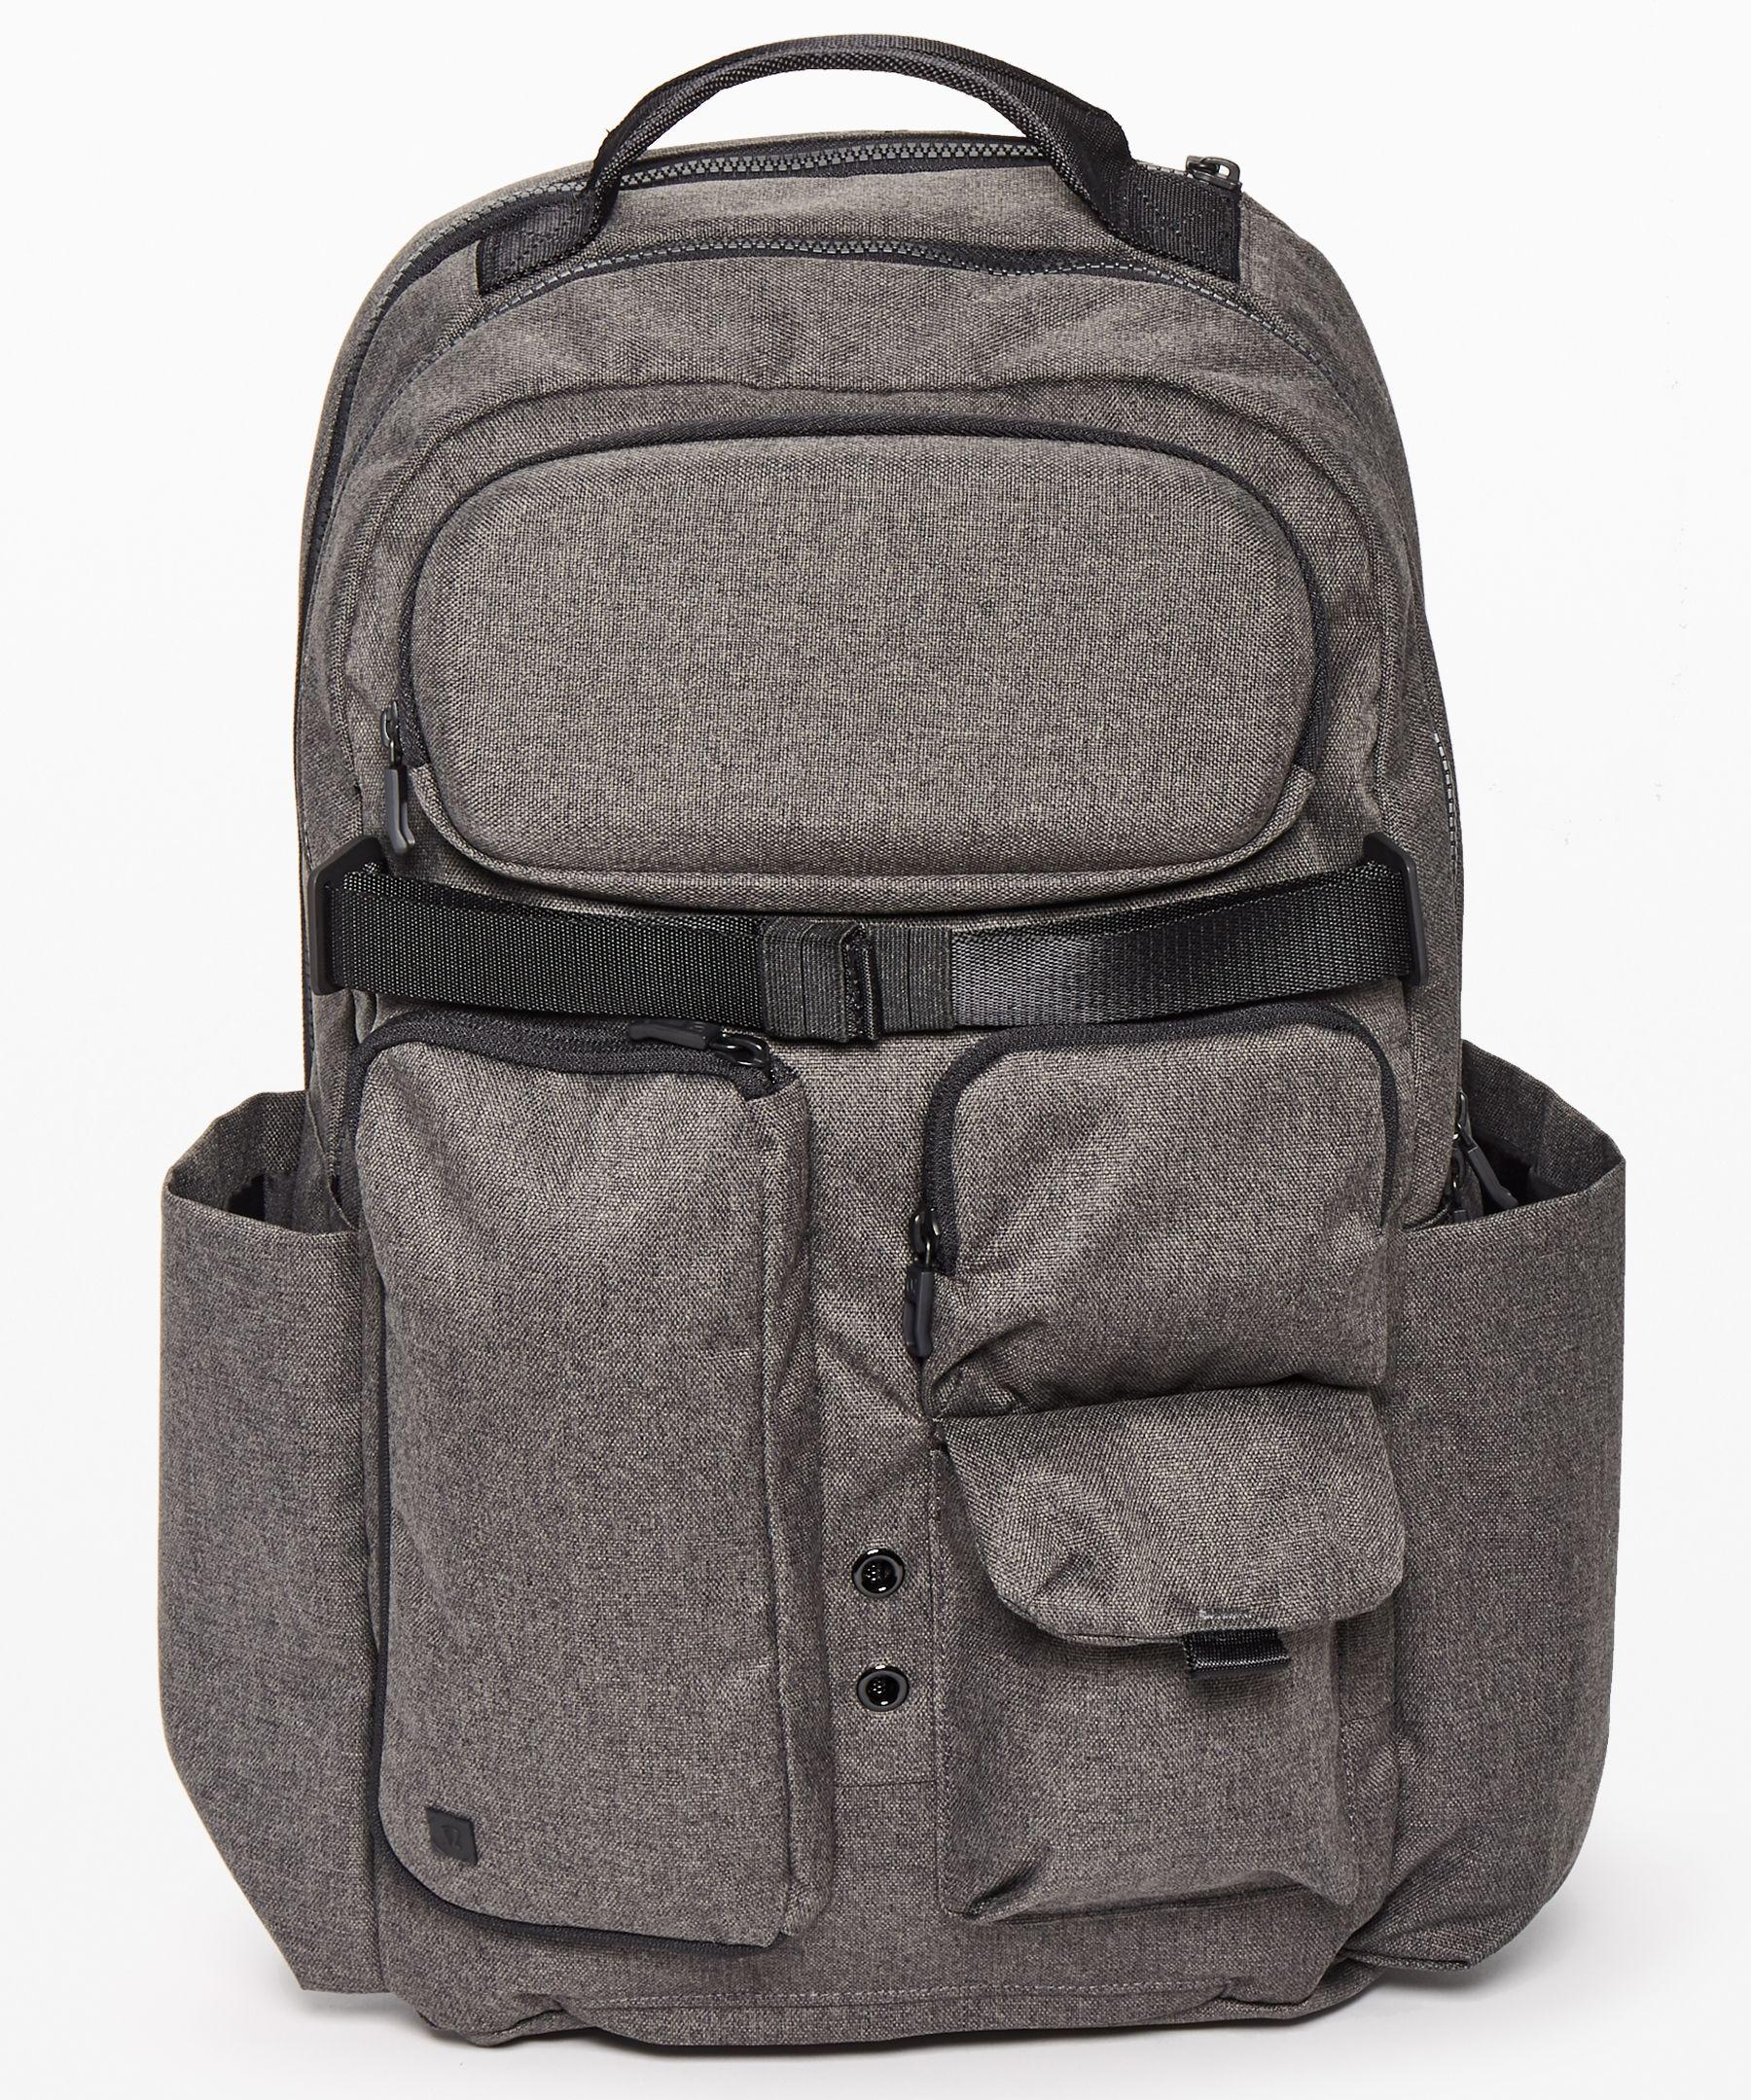 Cruiser Backpack 22l Men S Bags Lululemon Backpacks Lululemon Bags Man Bag